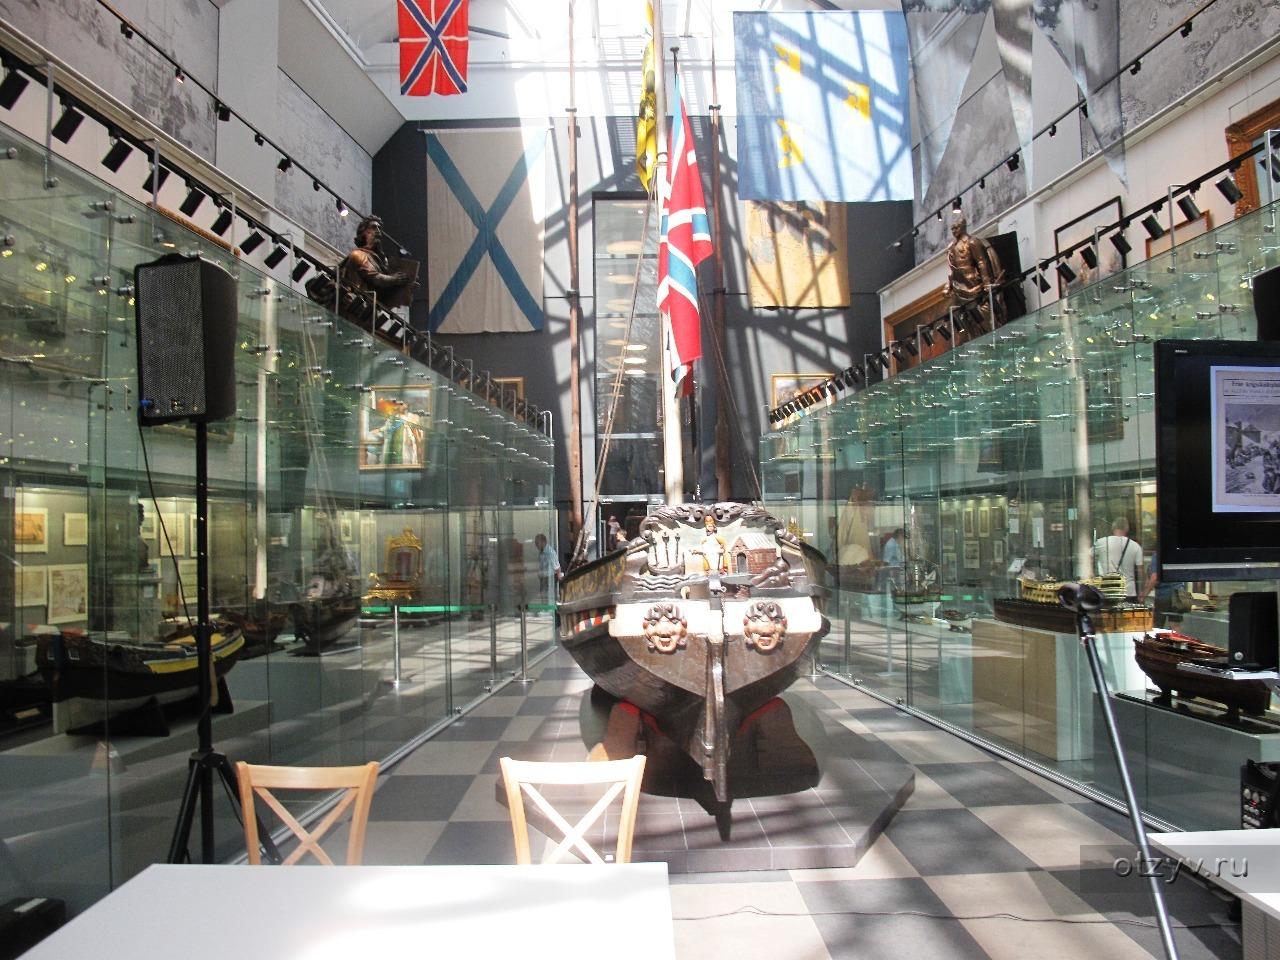 мамы фото музея морского космического флота цены, сервис, доставка